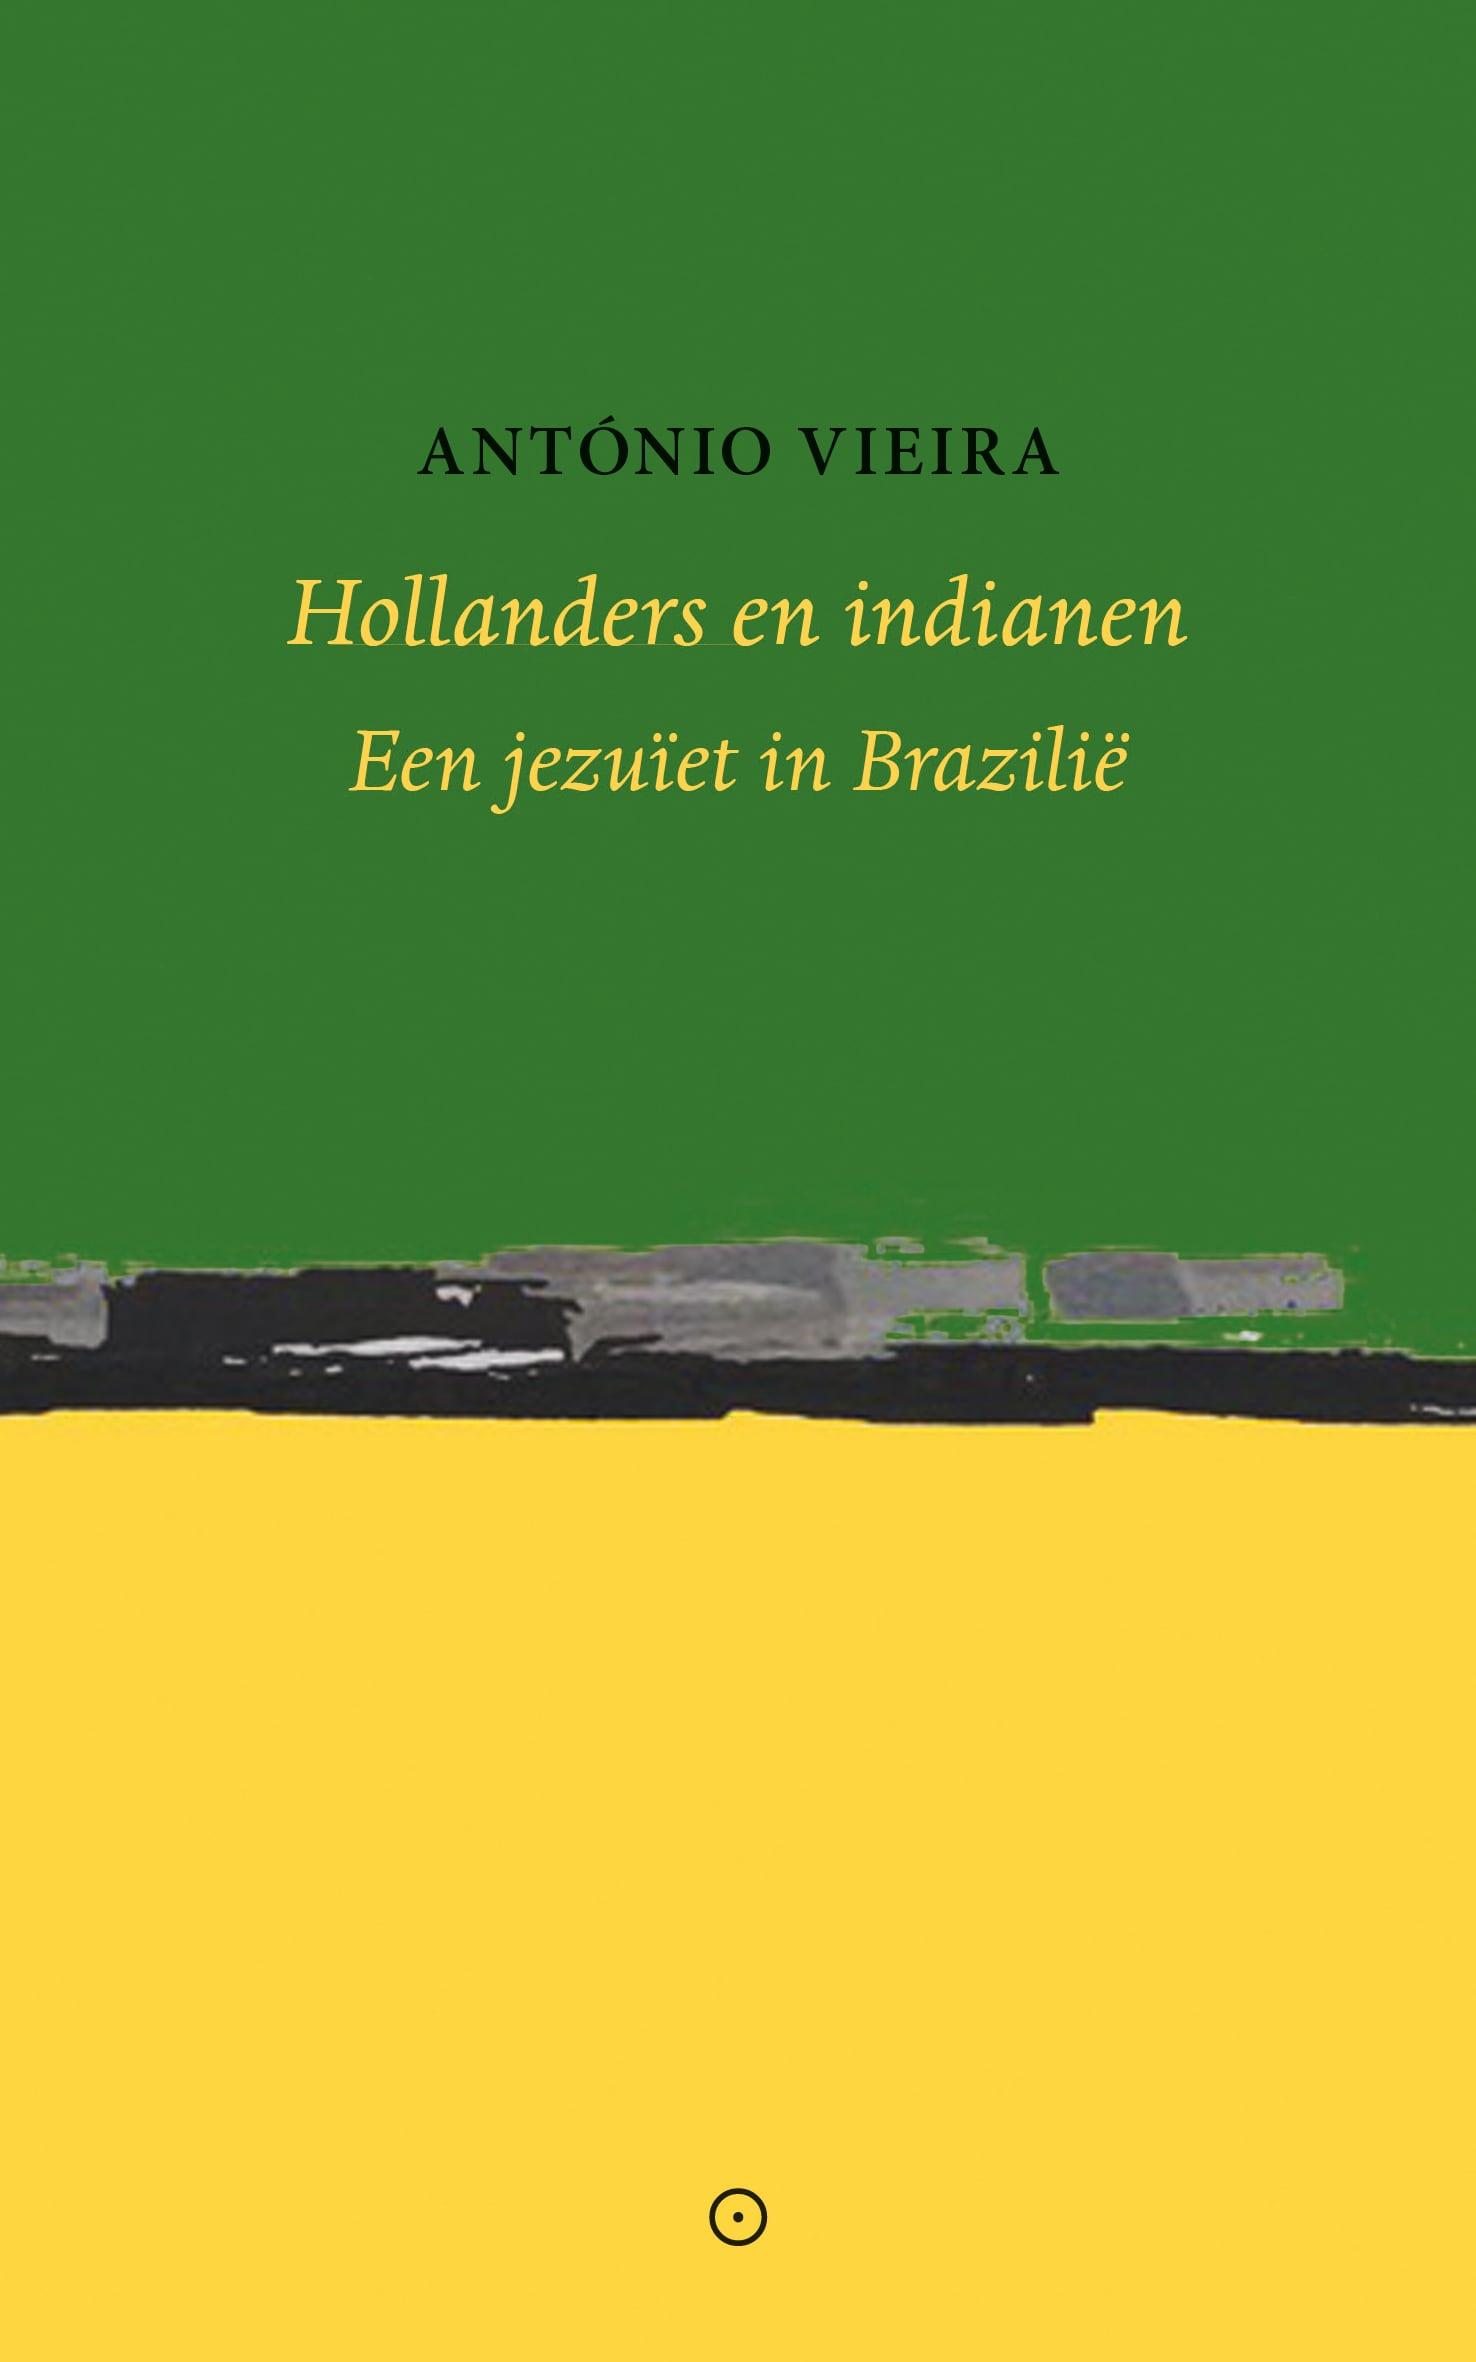 Hollanders en indianen - Antonio Vieira - Koppernik